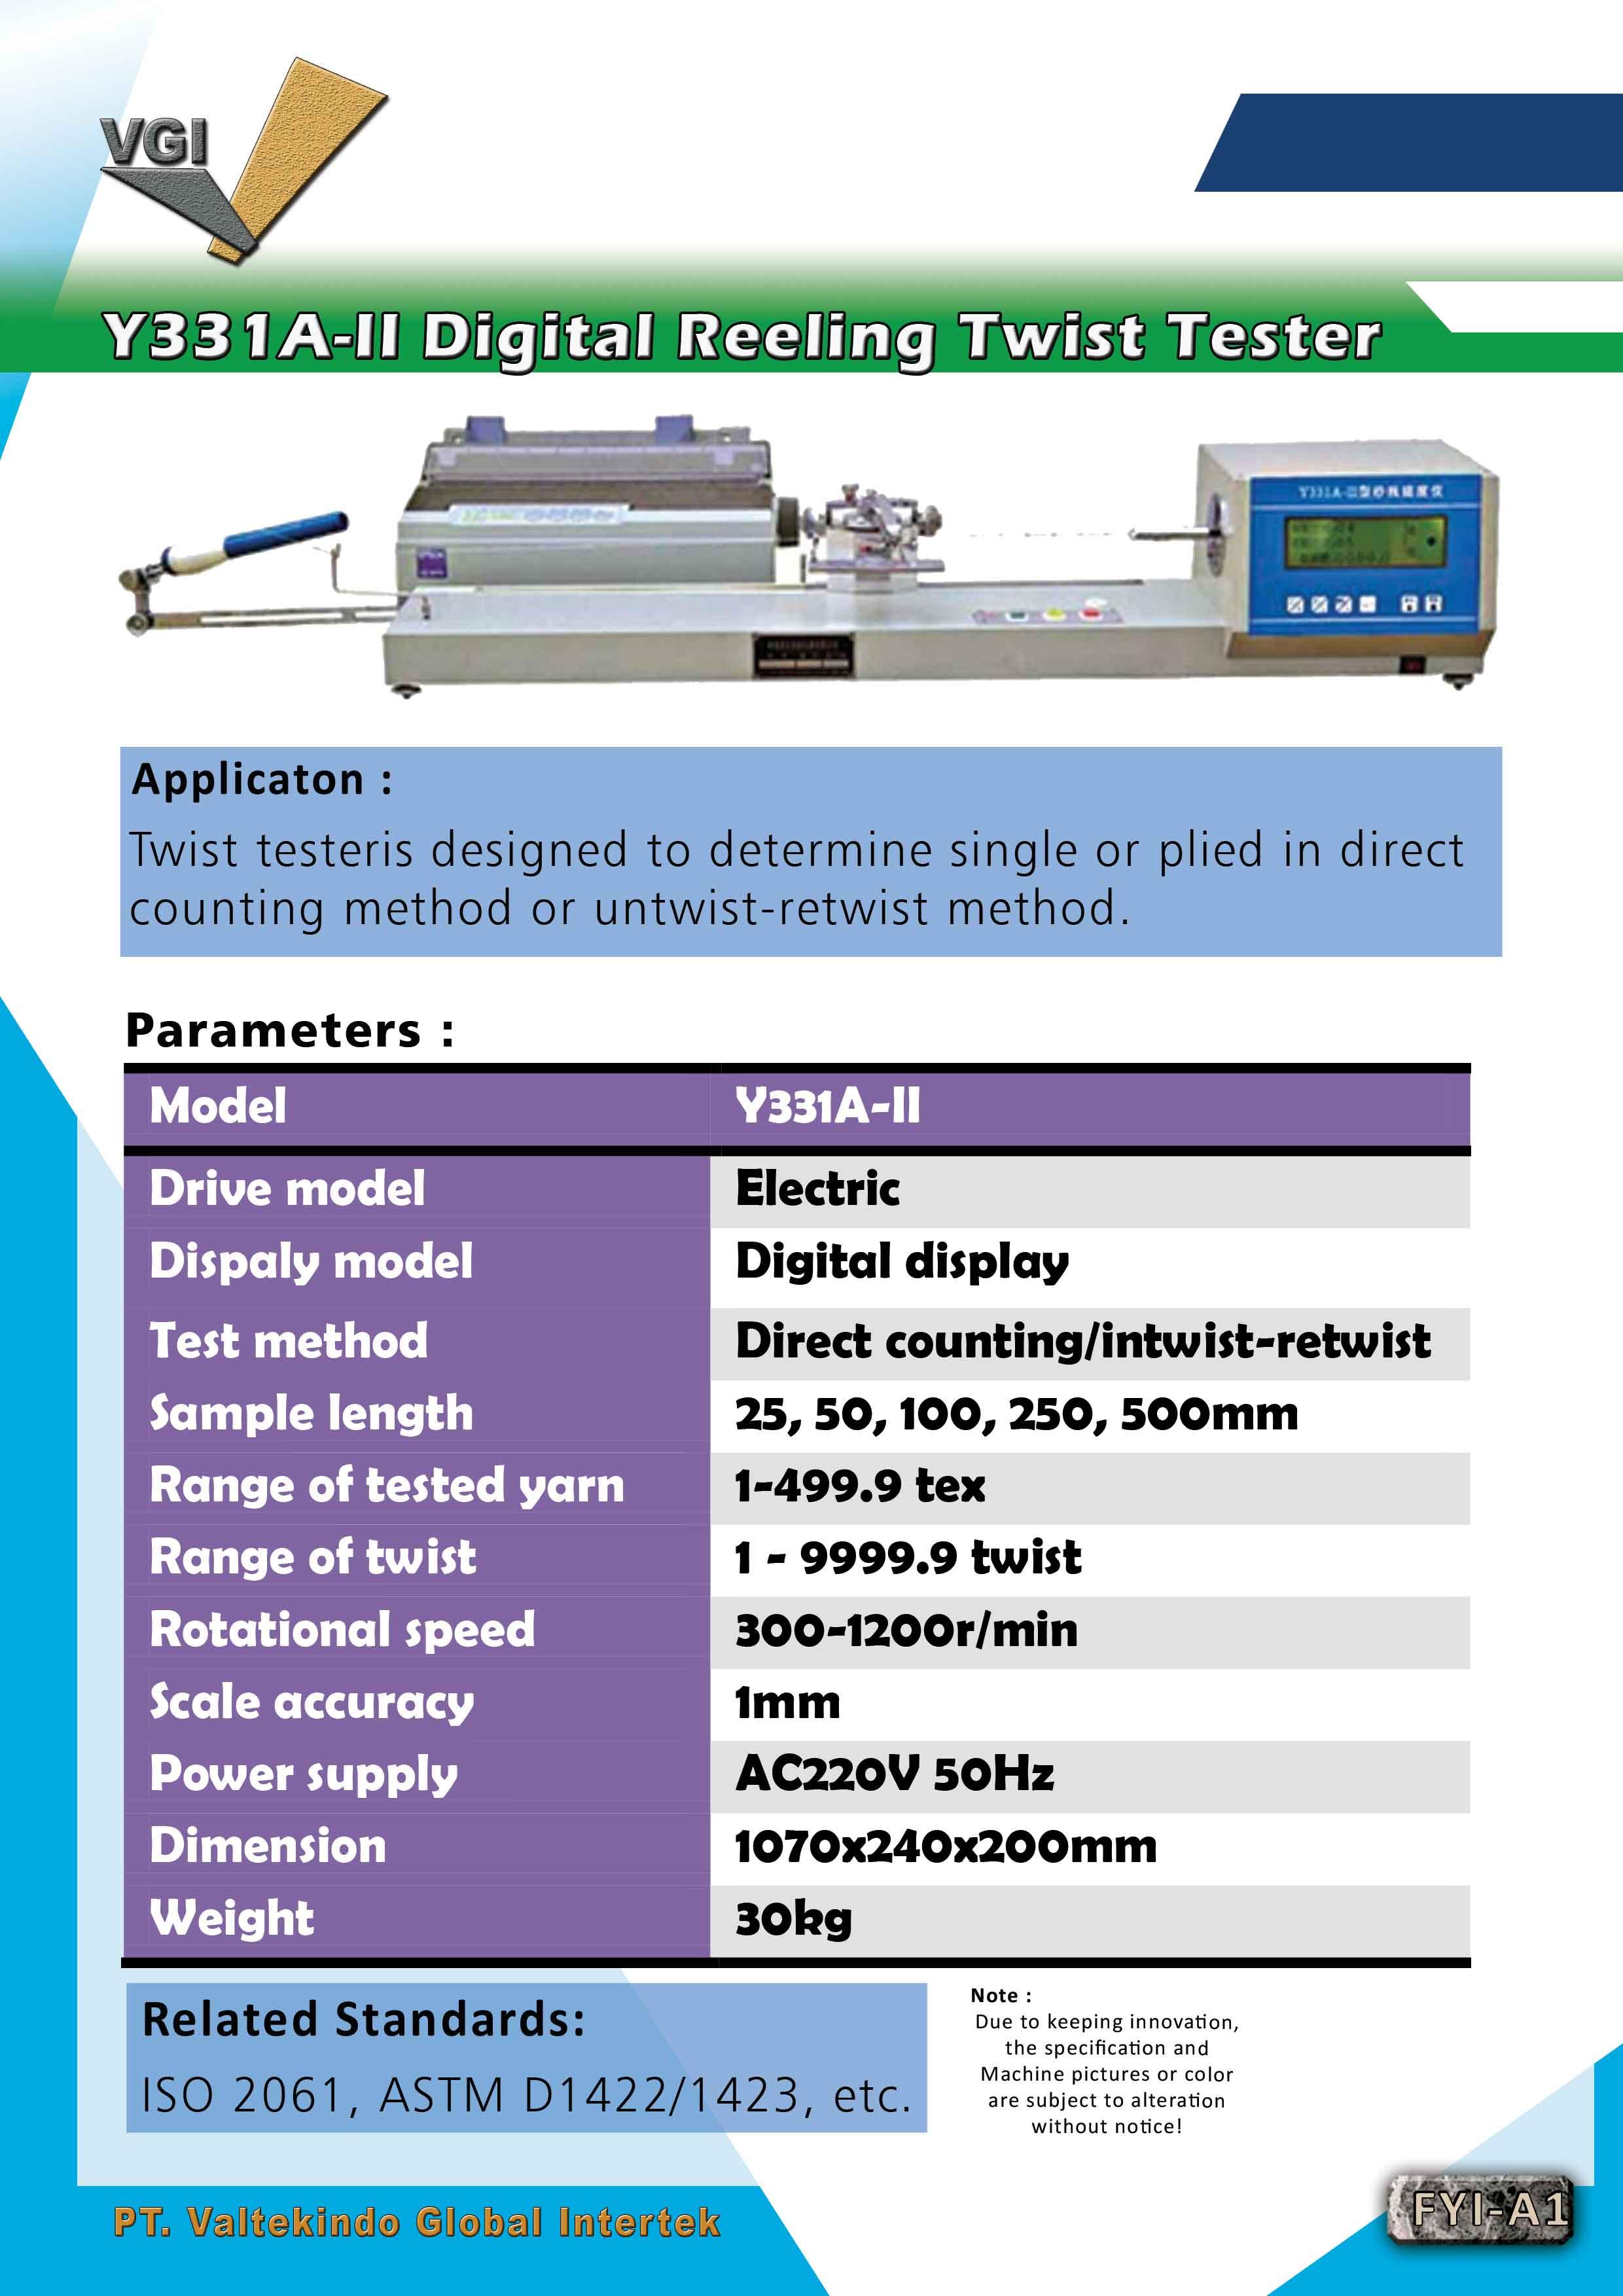 jual mesin Digital Reeling Twist Tester Digital Reeling Twist Tester